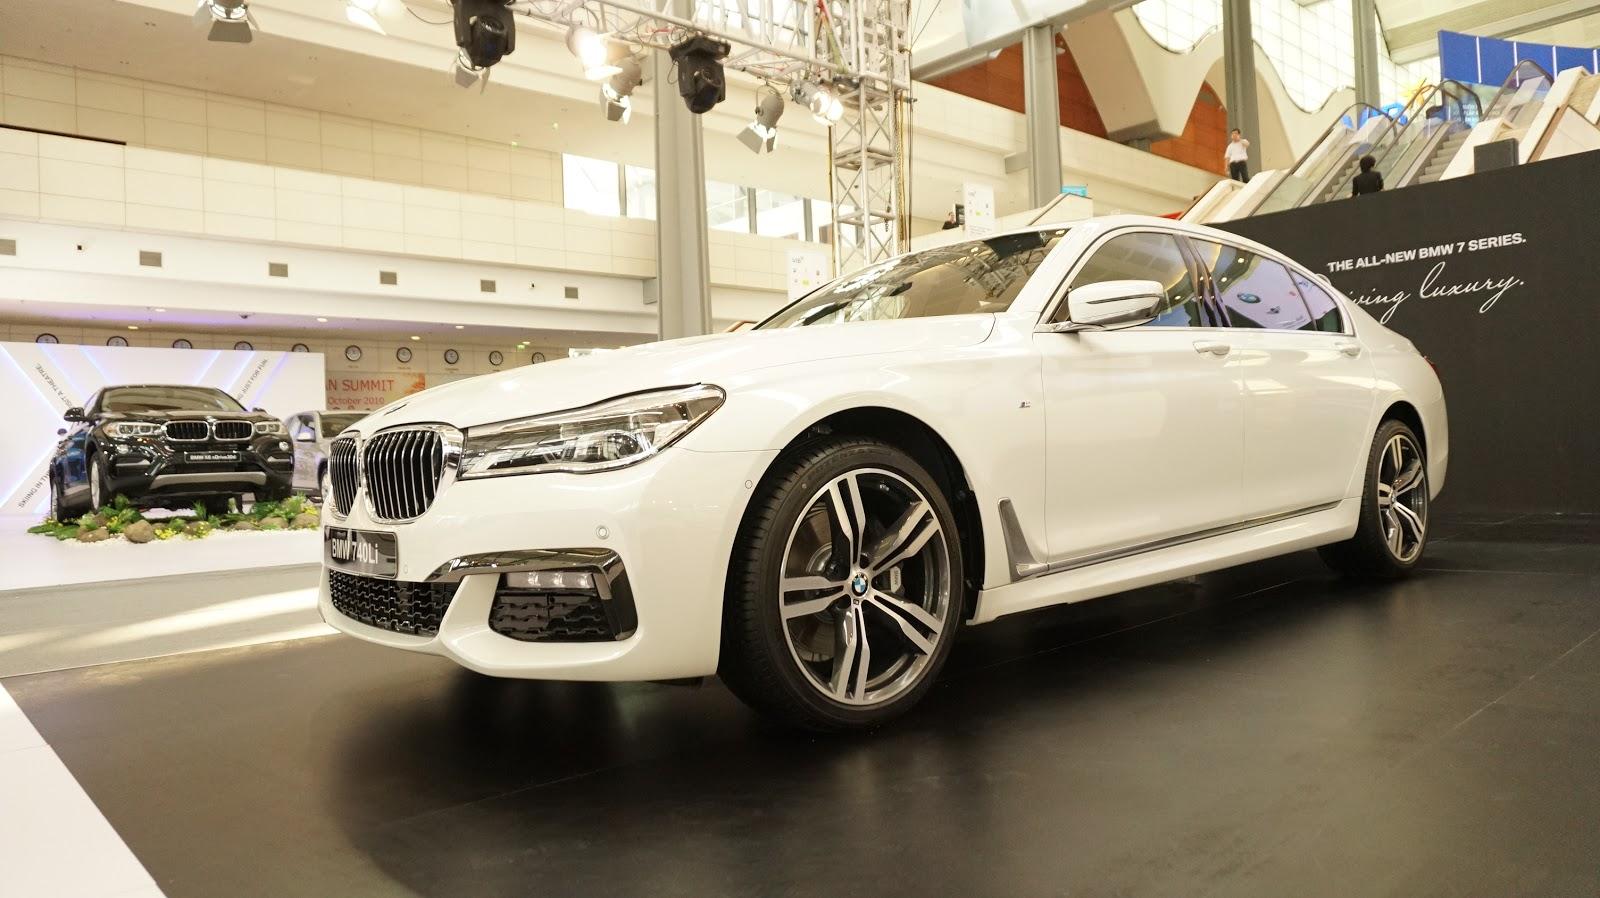 So về hình dáng, BMW 740Li hoàn toàn giống với BMW 750Li, nhưng khác biệt ở động cơ đã làm nên khác biệt